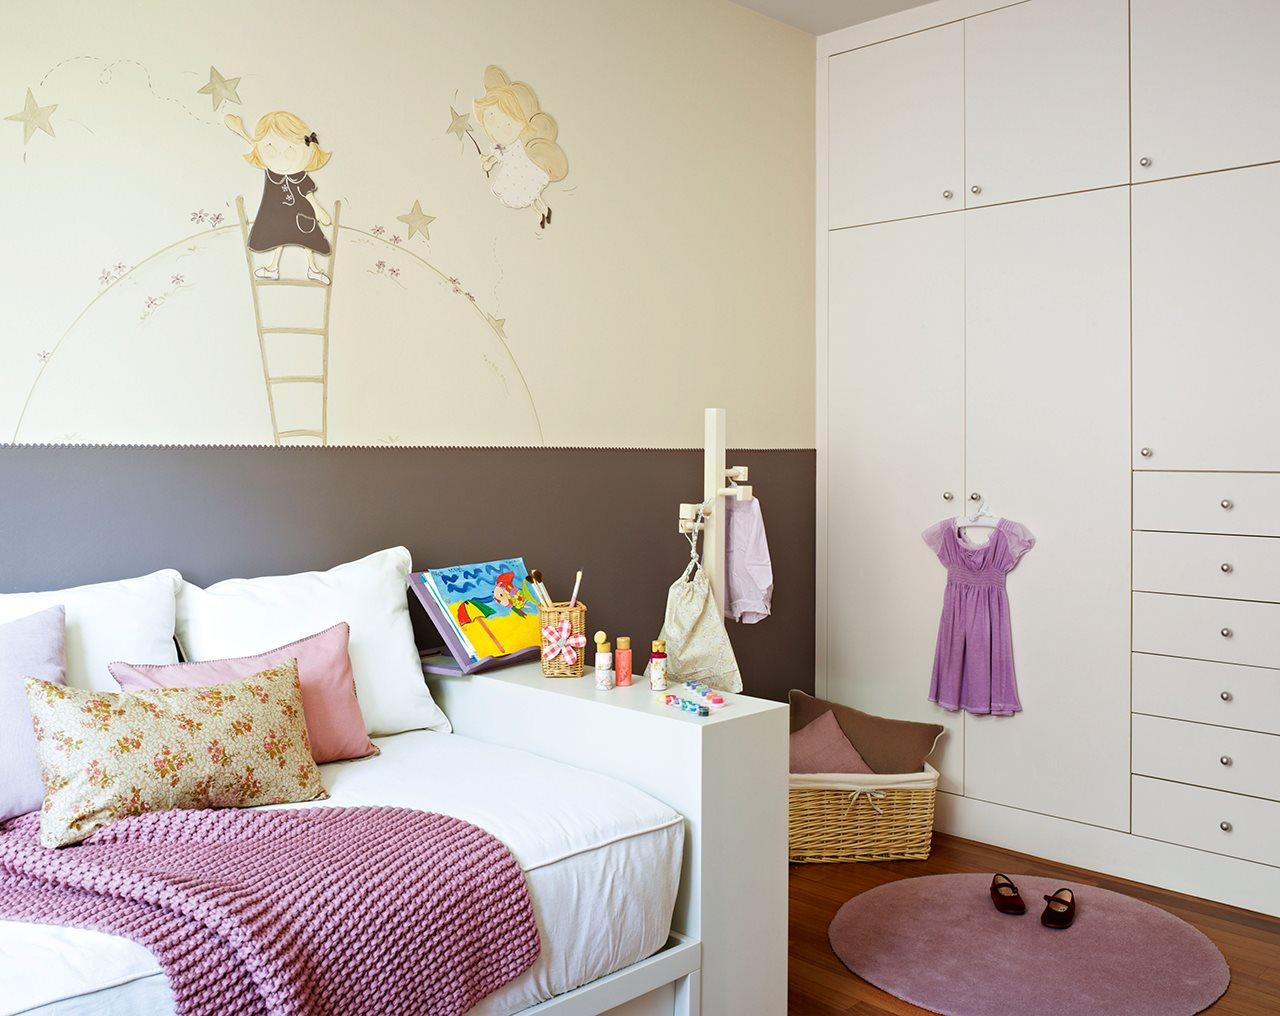 Dise os para pintar dormitorios casa dise o for Diseno de dormitorios